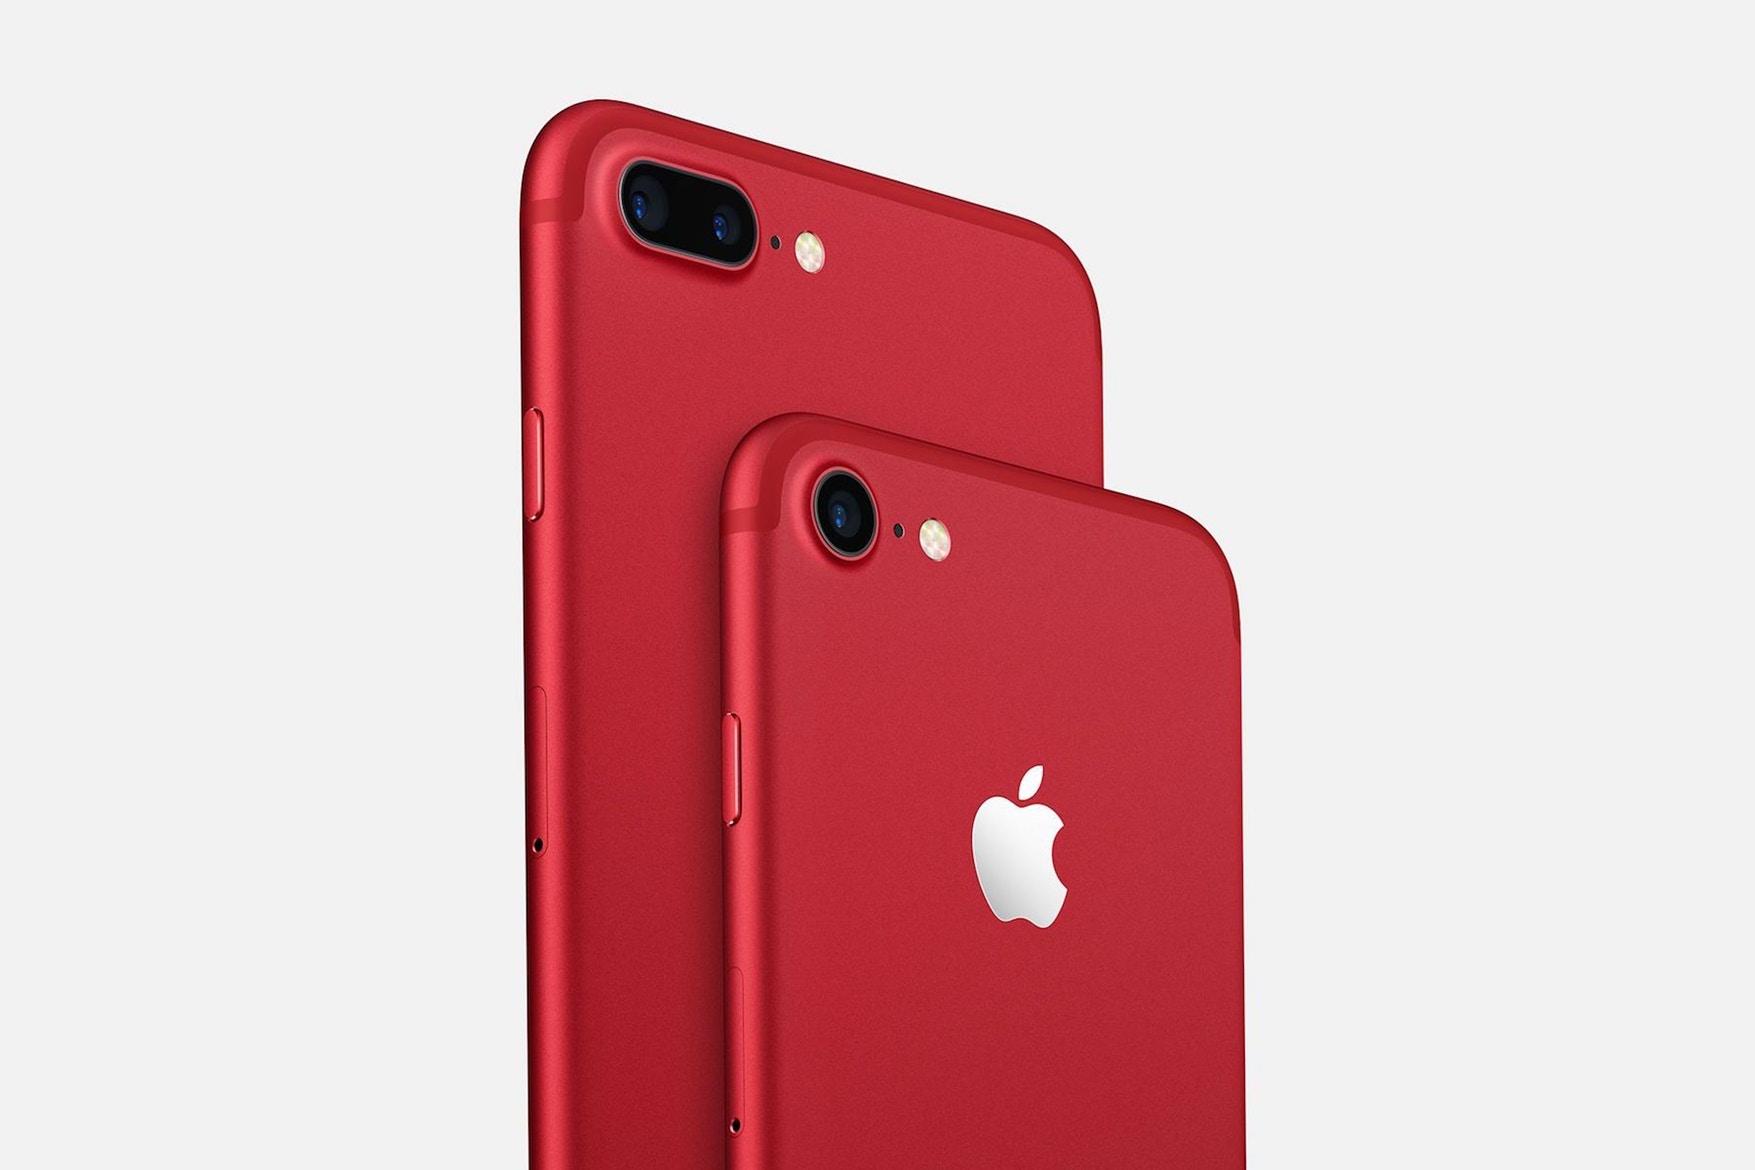 快記下發售日期 iPhone 8  PRODUCT RED 紅色特別版即將登場